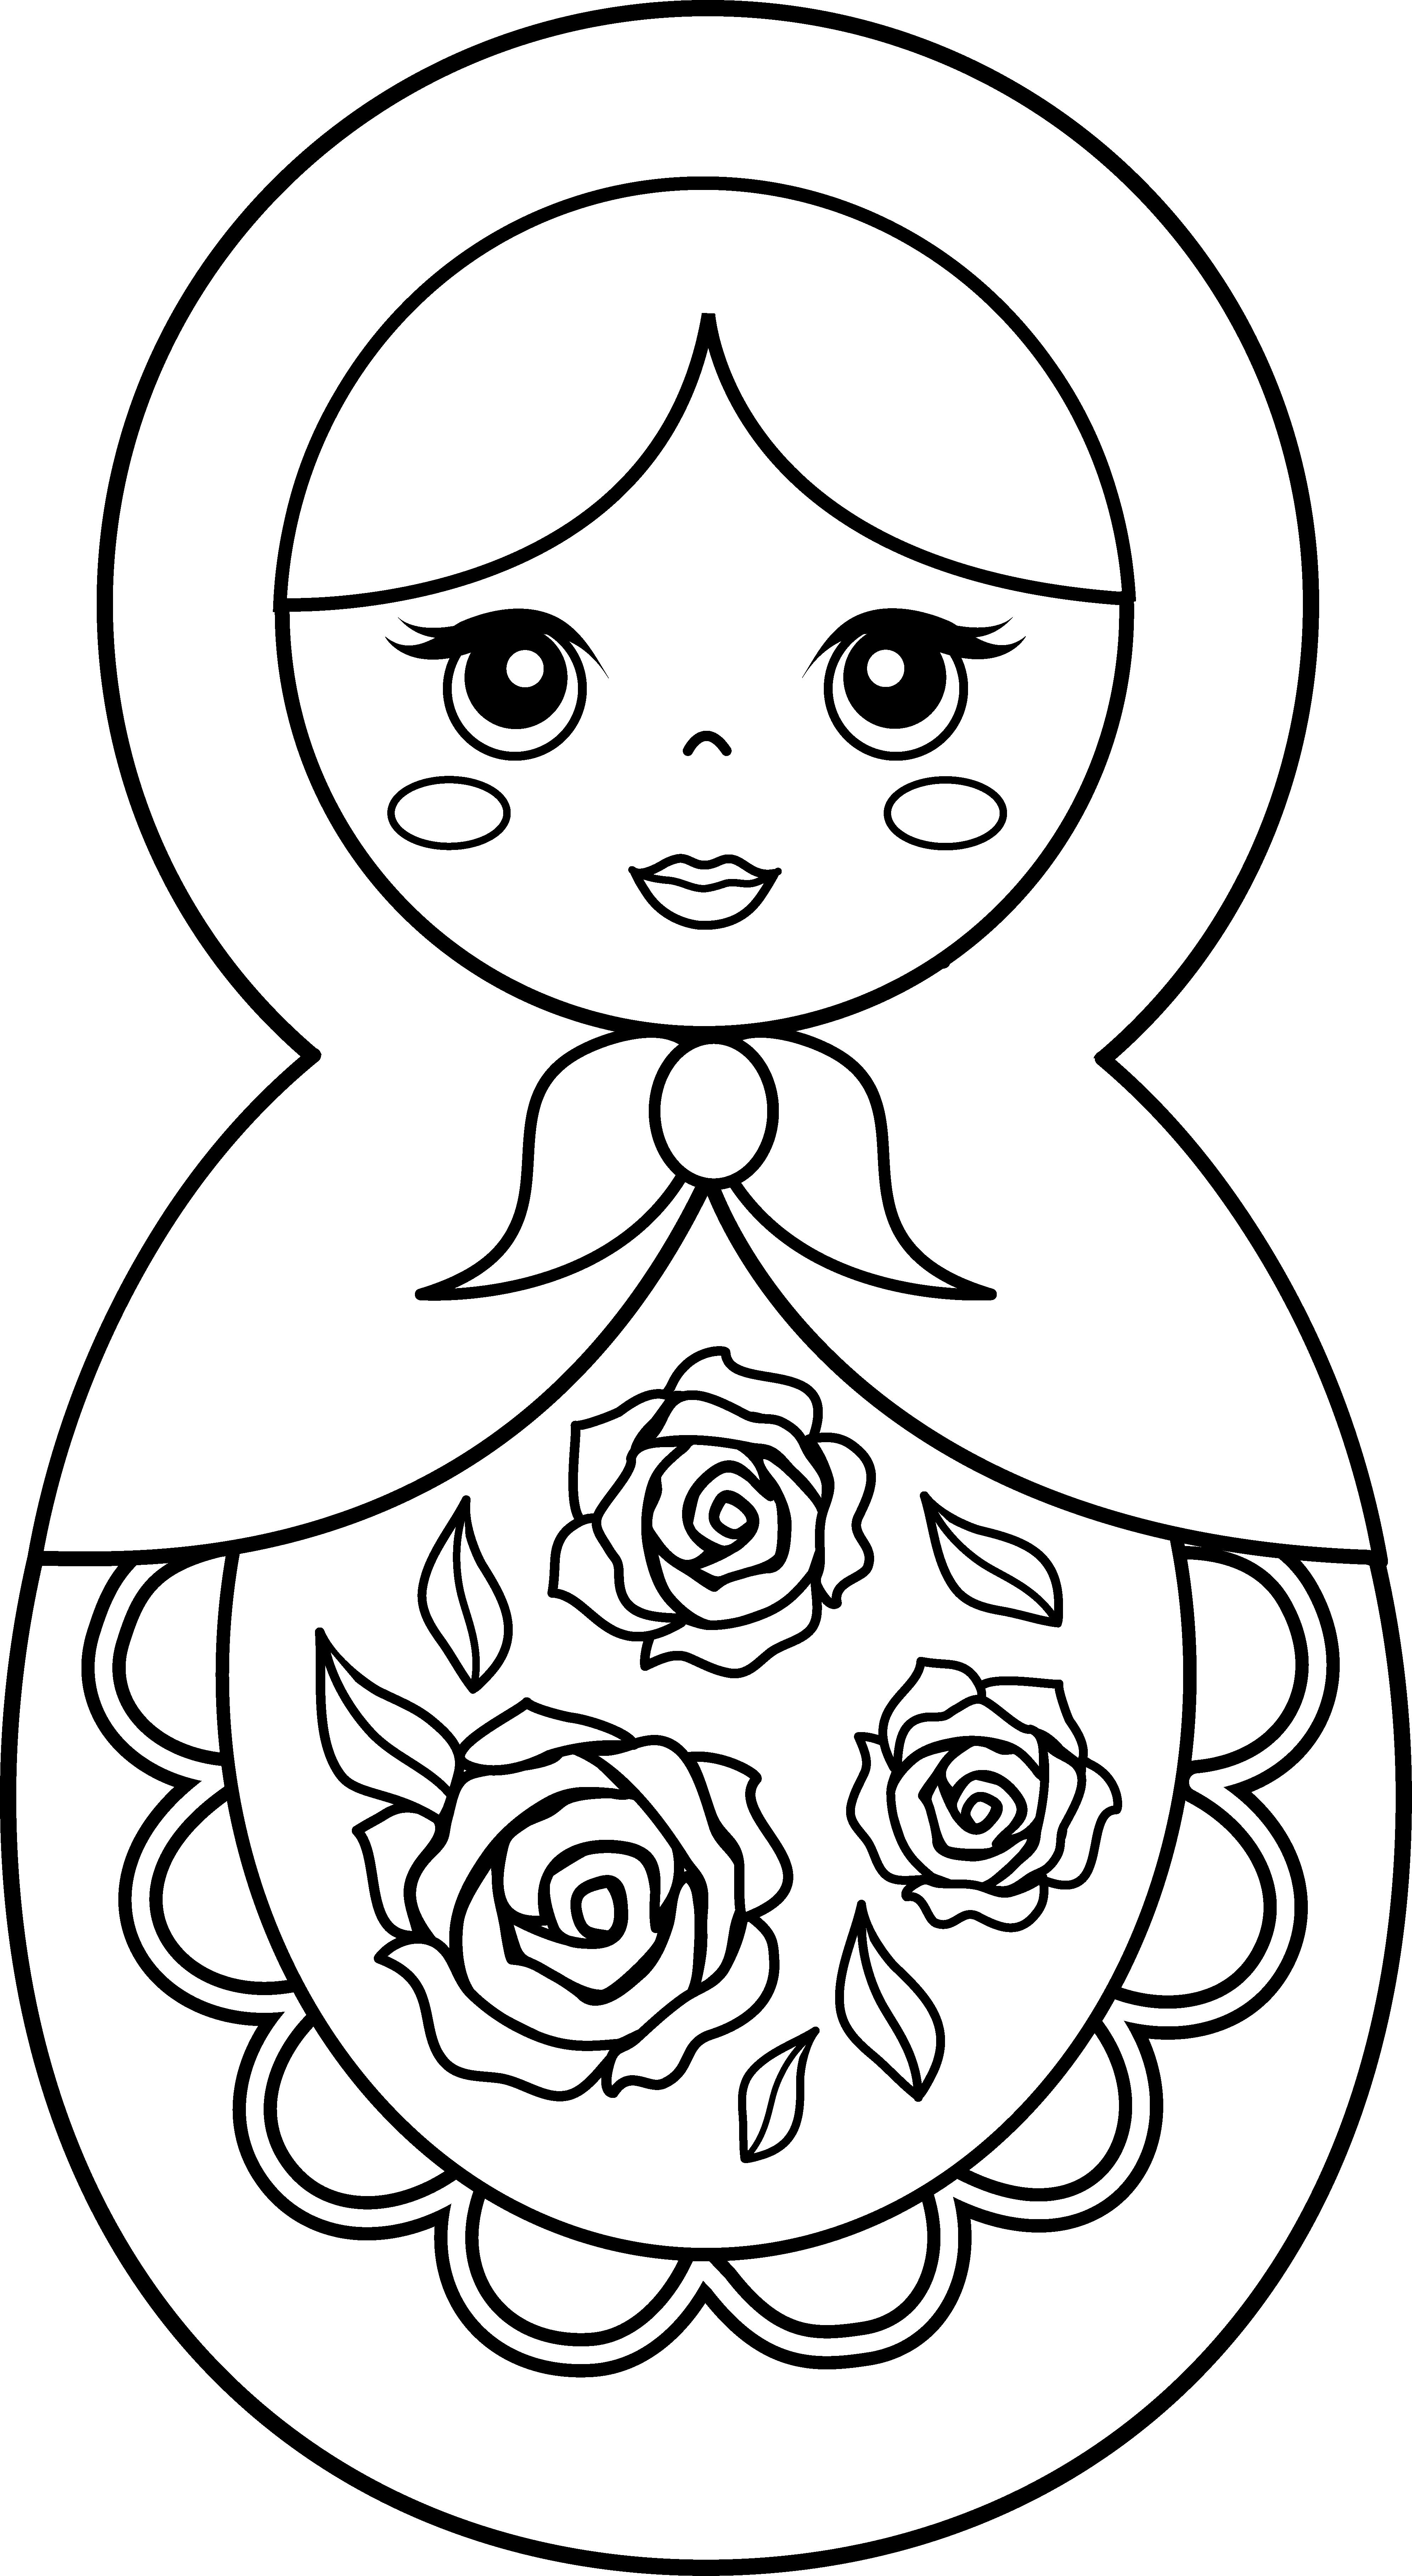 babushka coloring pages | Matryoshka Doll Coloring Page | PRISMA | Doll drawing ...